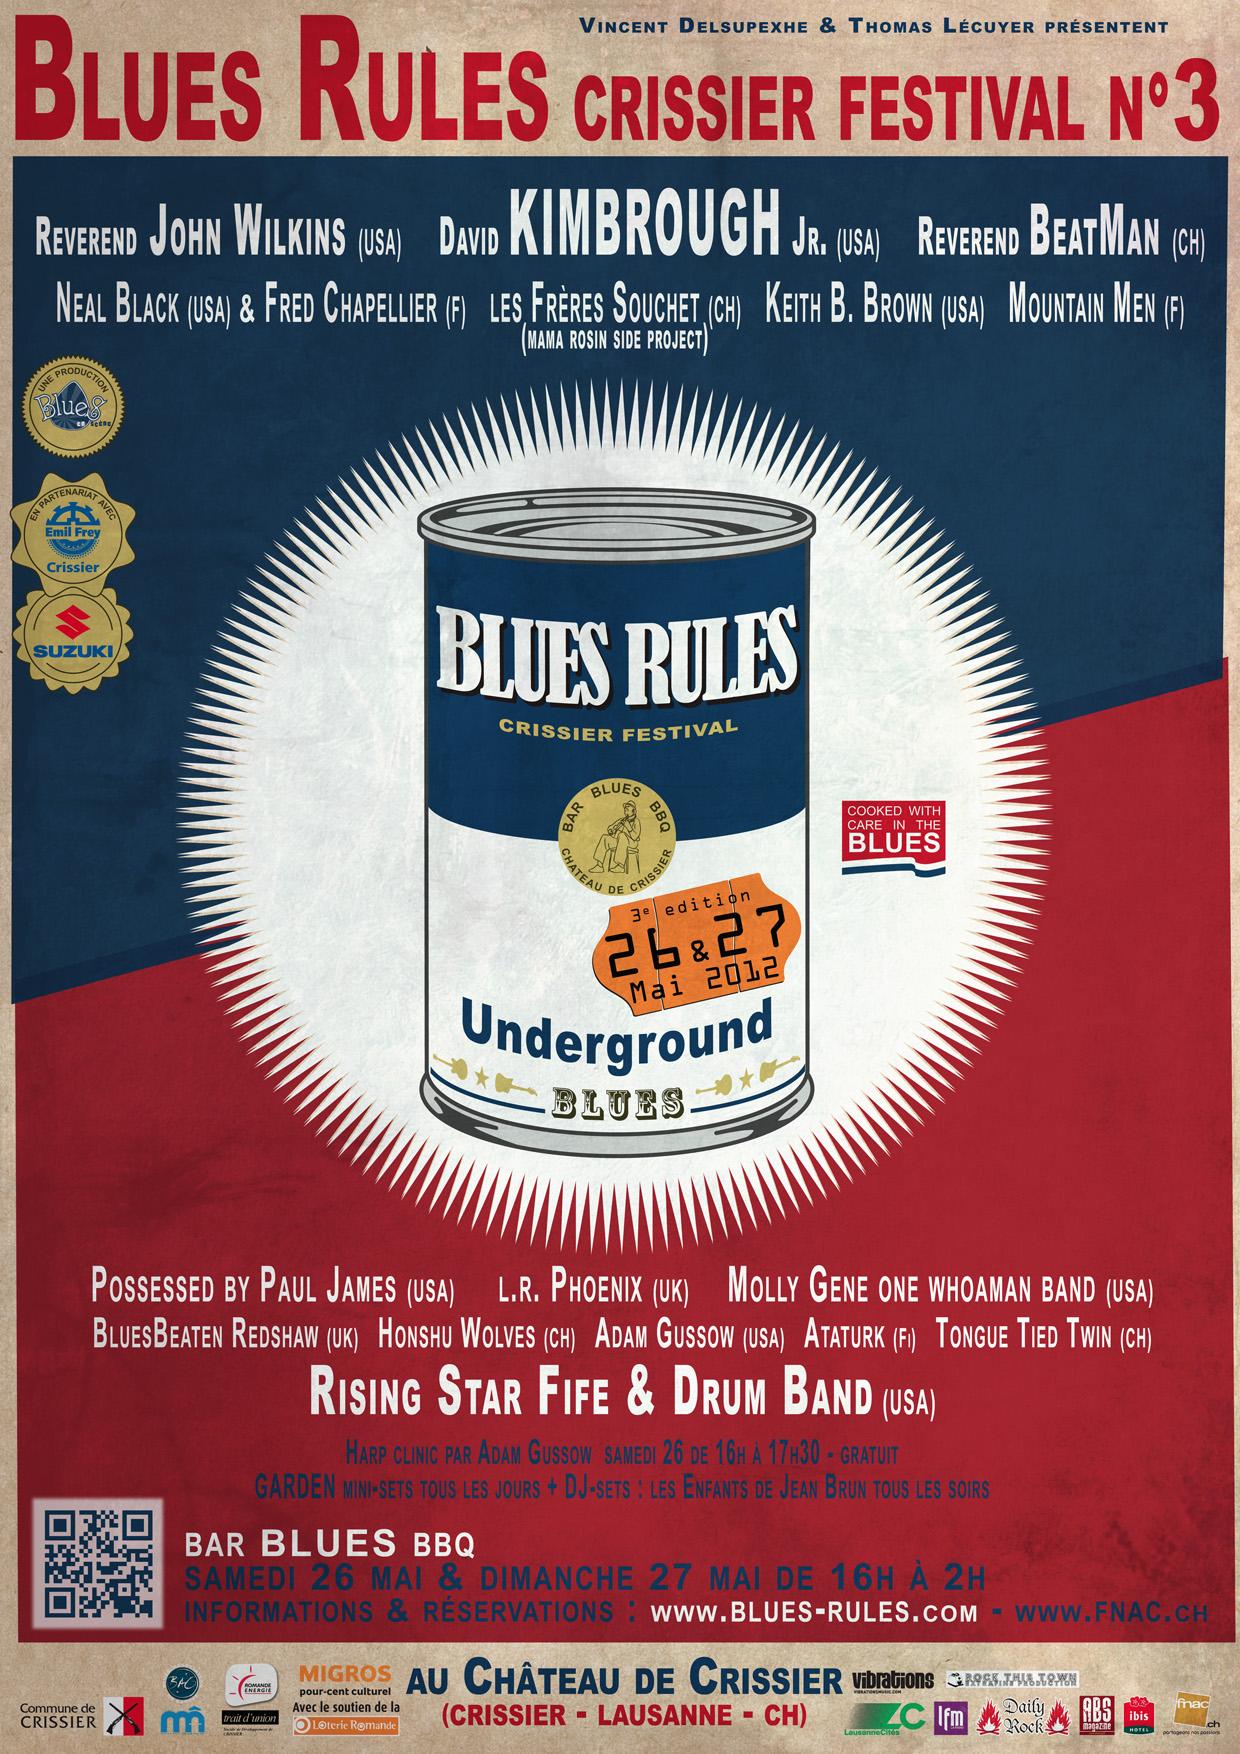 Blues Rules Crissier Festival n°3 BR_3